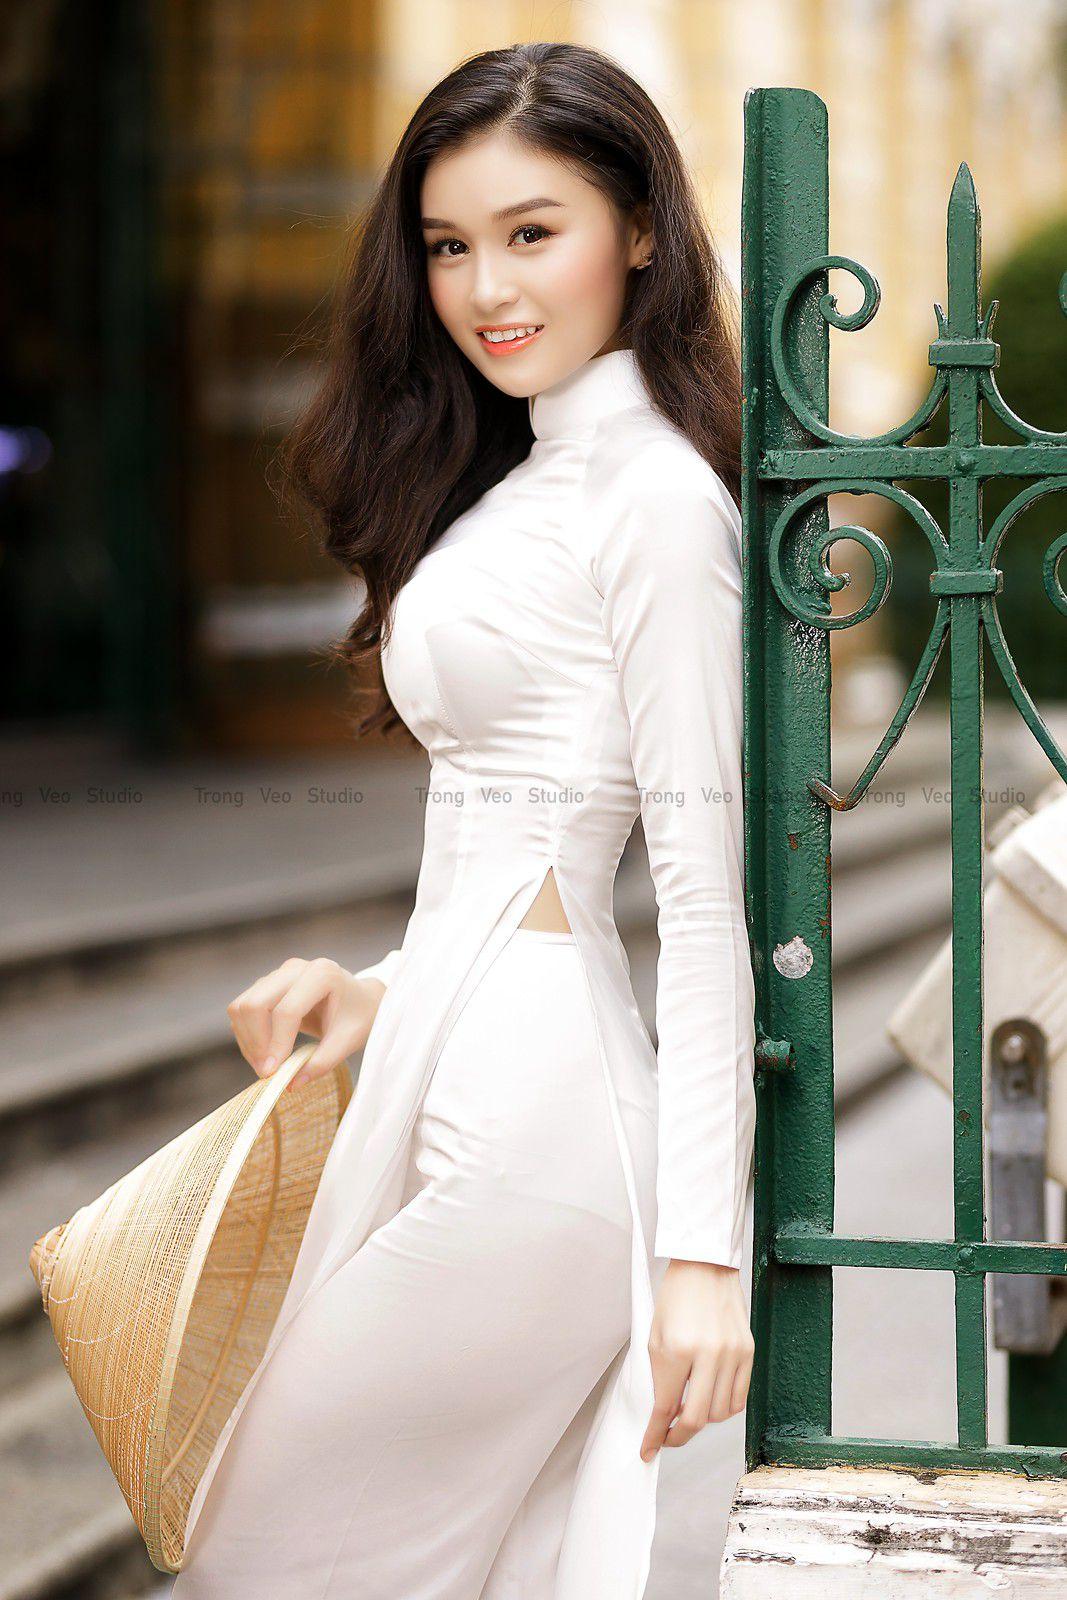 Ngắm bộ ảnh hoa khôi Phương Đoan đẹp hú hồn trong tà áo dài trắng thướt tha 4